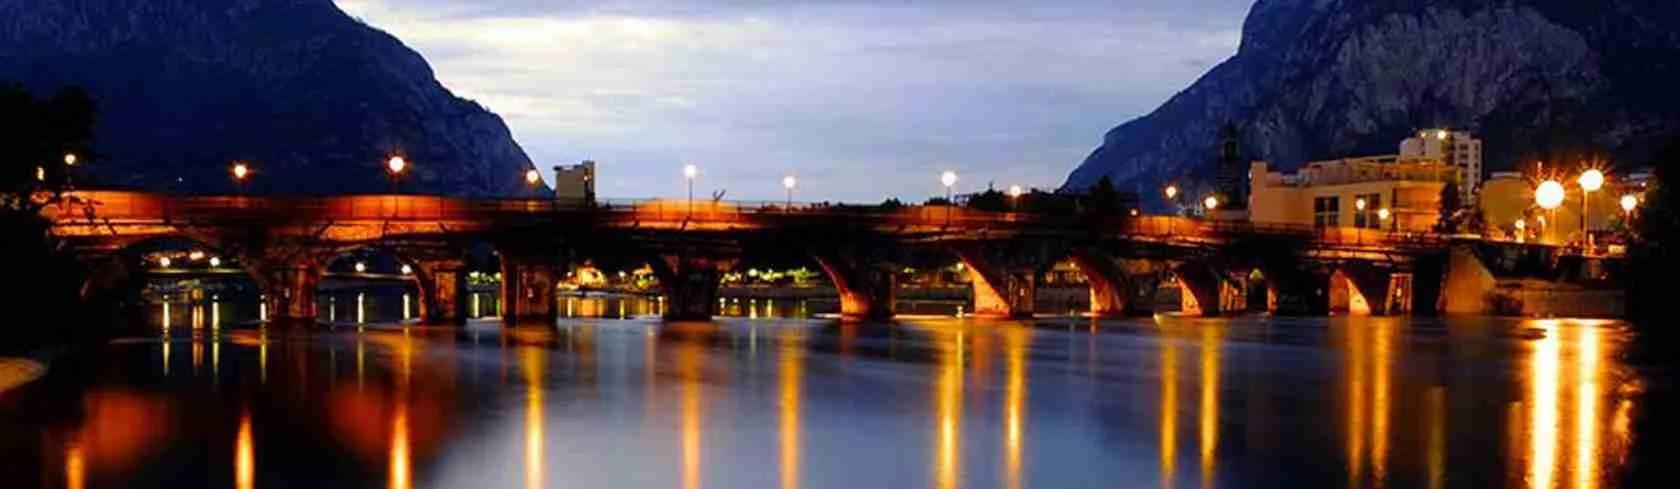 Il Ponte Azzone Visconti di Lecco illuminato. Una vista mozzafiato da ammirare con una escort Lecco. Magica Escort